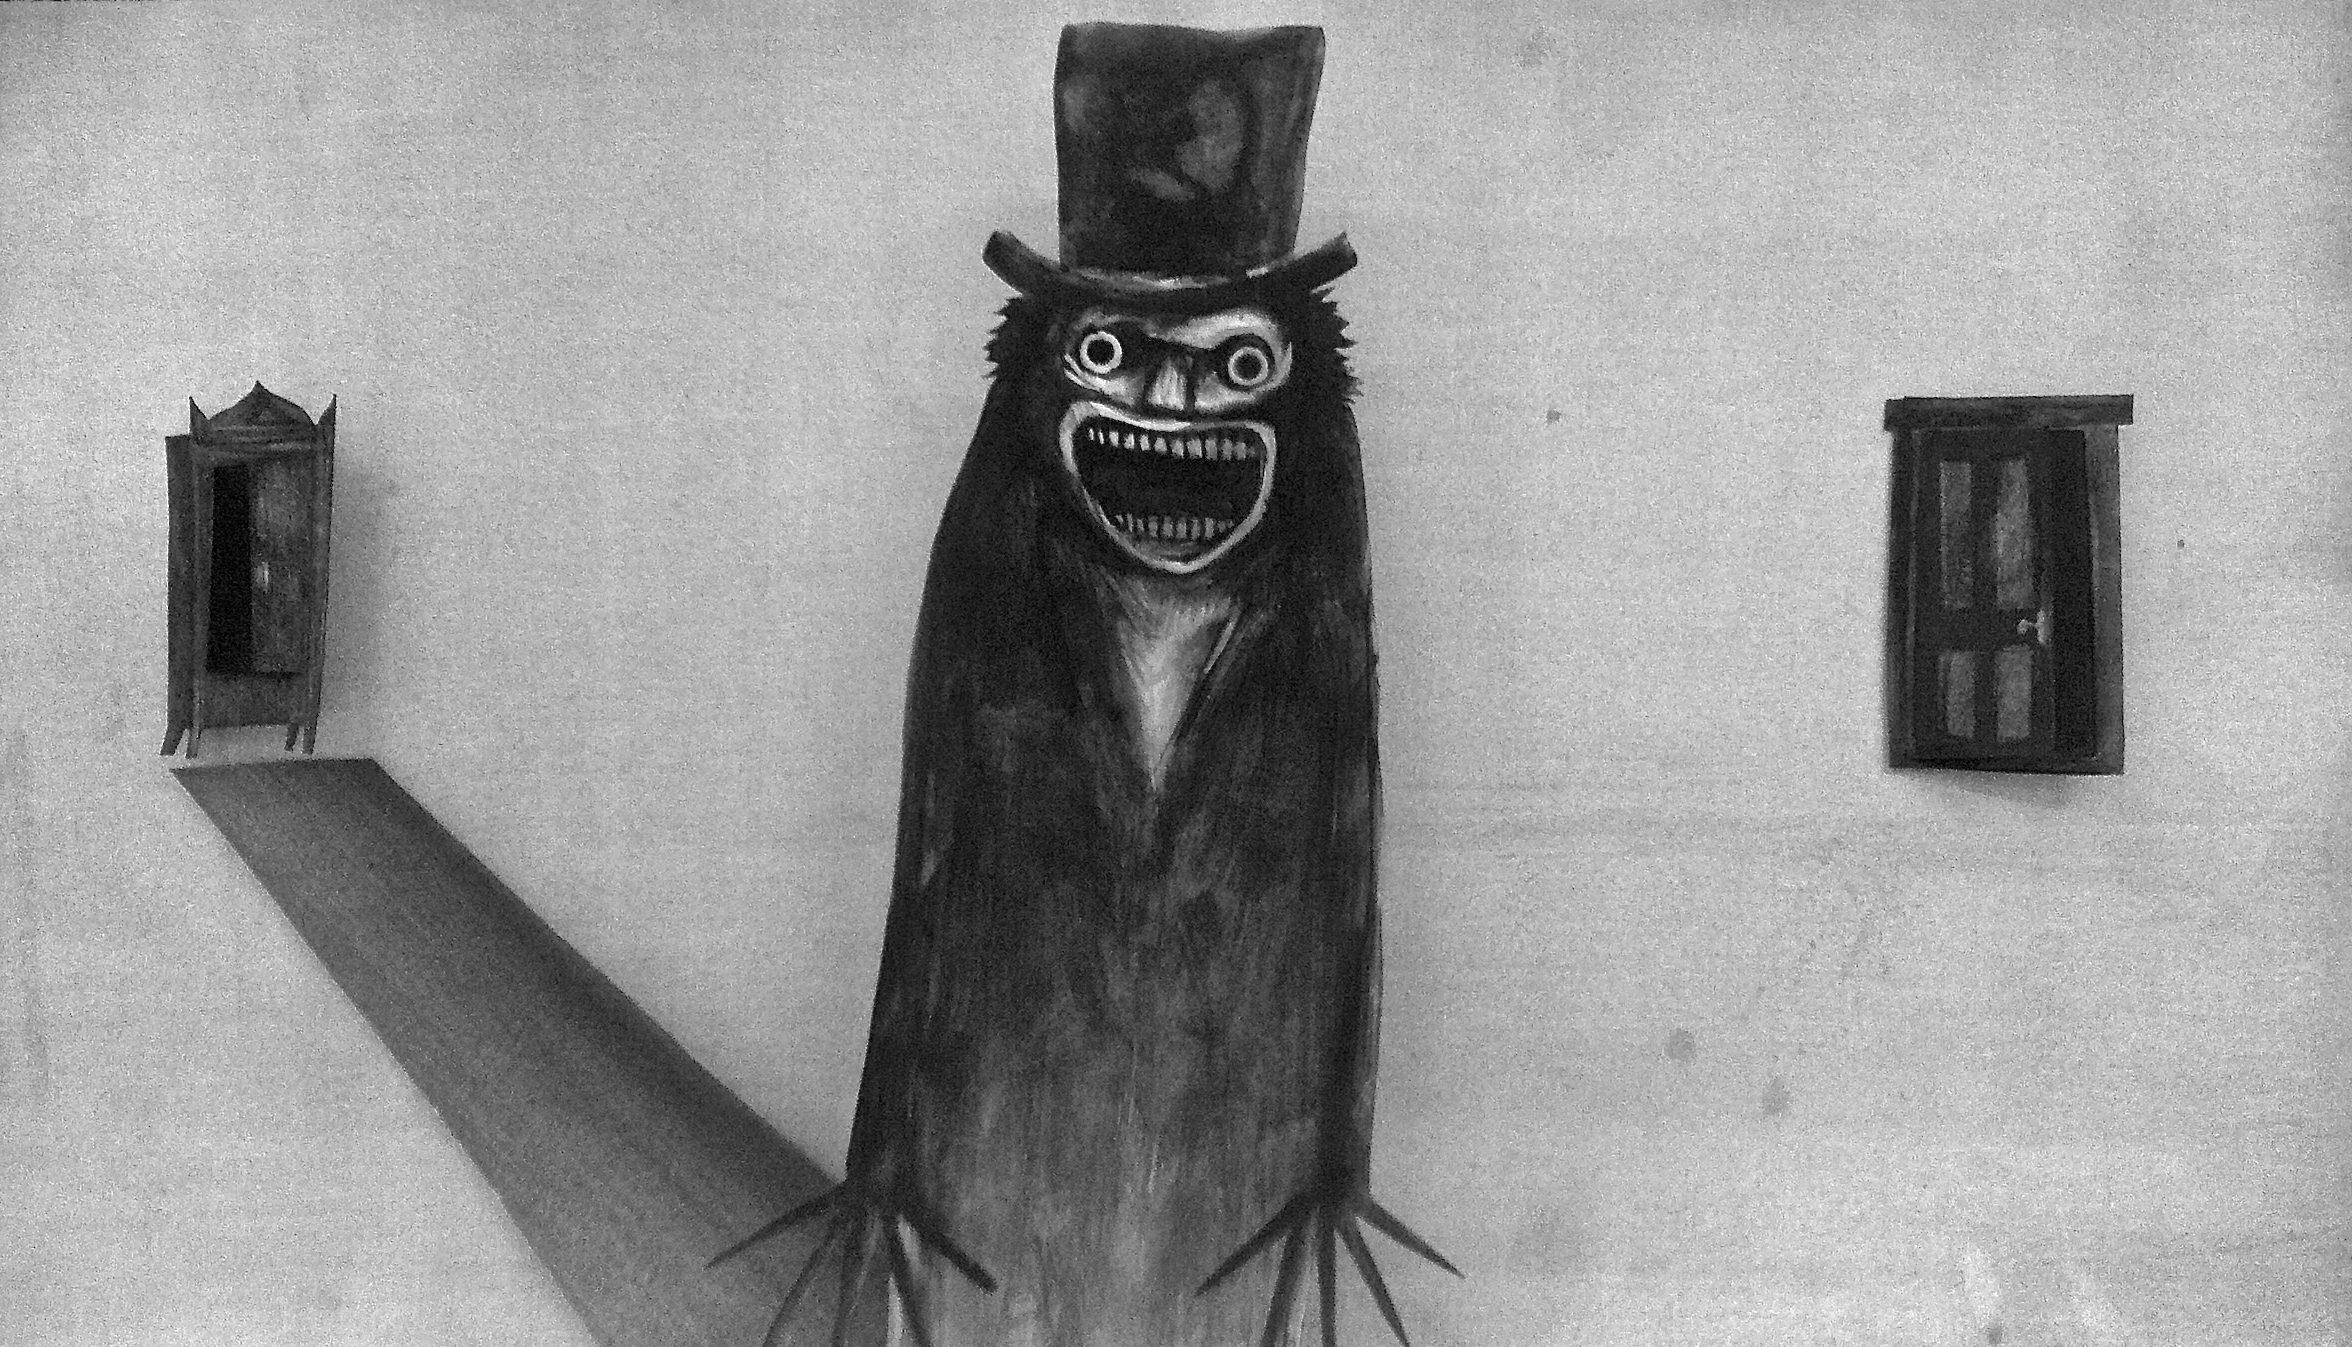 """Imagem de divulgação do filme """"O Babadook"""", de 2014. Foto preto-e-branco de uma página acinzentada. No centro, vemos o desenho de Babadook, feito com lápis preto. Trata-se de uma silhueta alongada, com os braços colados sobre o tronco e os longos dedos de suas mãos abertos. Ele tem olhos esbugalhados, um nariz triangular, e uma grande boca cheia de dentes que se abre em um sorriso perturbador. Além disso, ele veste na cabeça uma cartola. Sua sombra se projeta do lado esquerdo até o desenho de um armário com a porta aberta. E, do lado direito, em paralelo com o armário, vê-se o desenho de uma porta semi-aberta."""